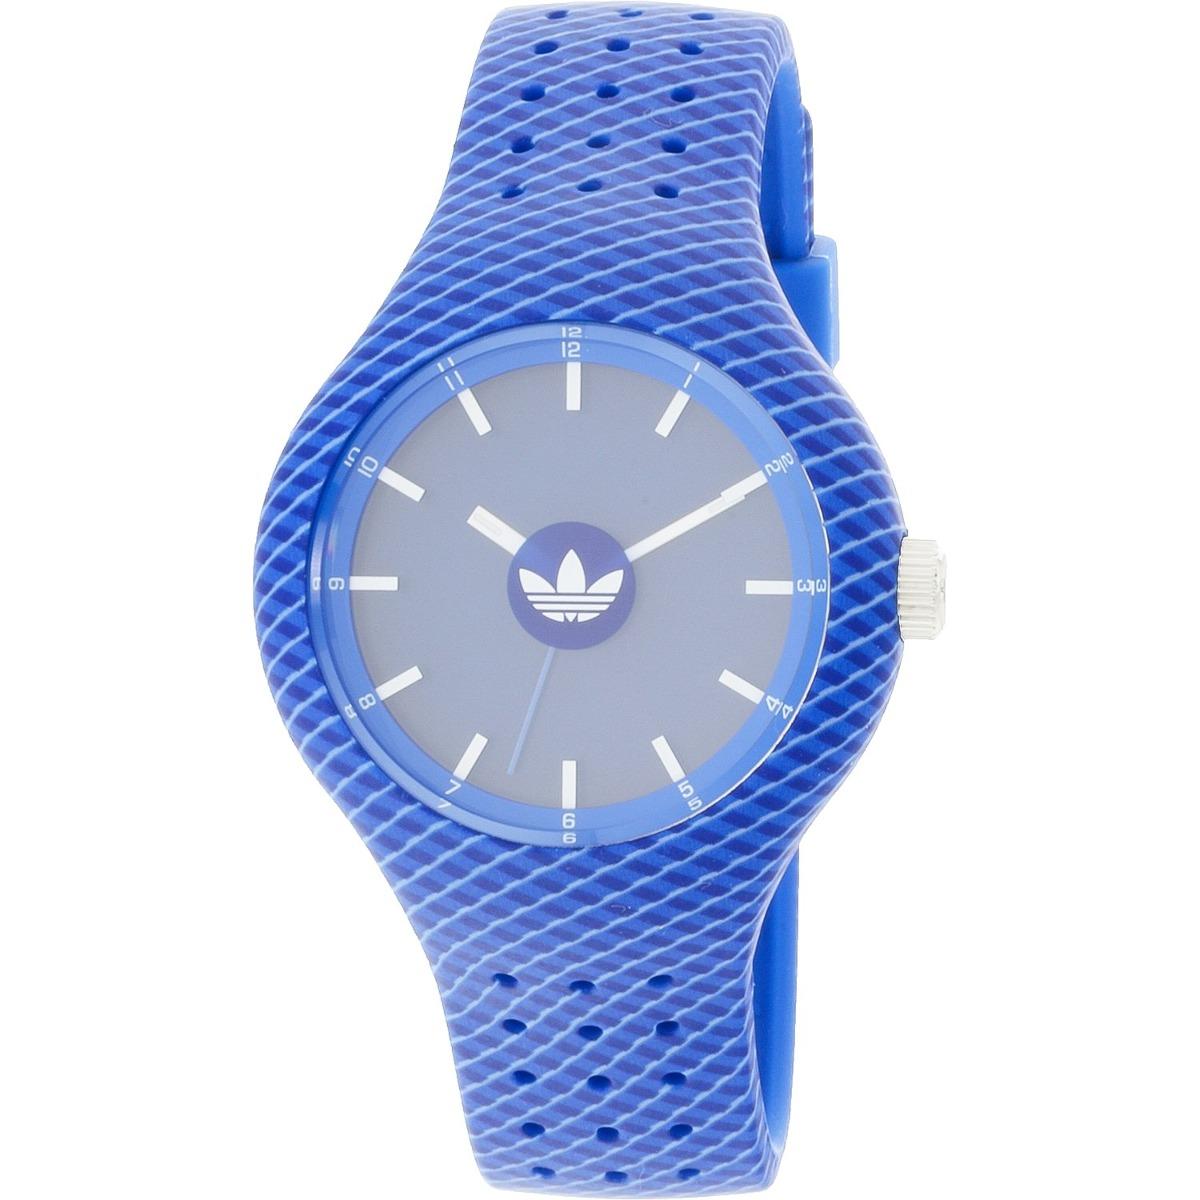 Descuentos Mujer Hasta Off55 Relojes El De Adidas Baratas xWrCeBdo